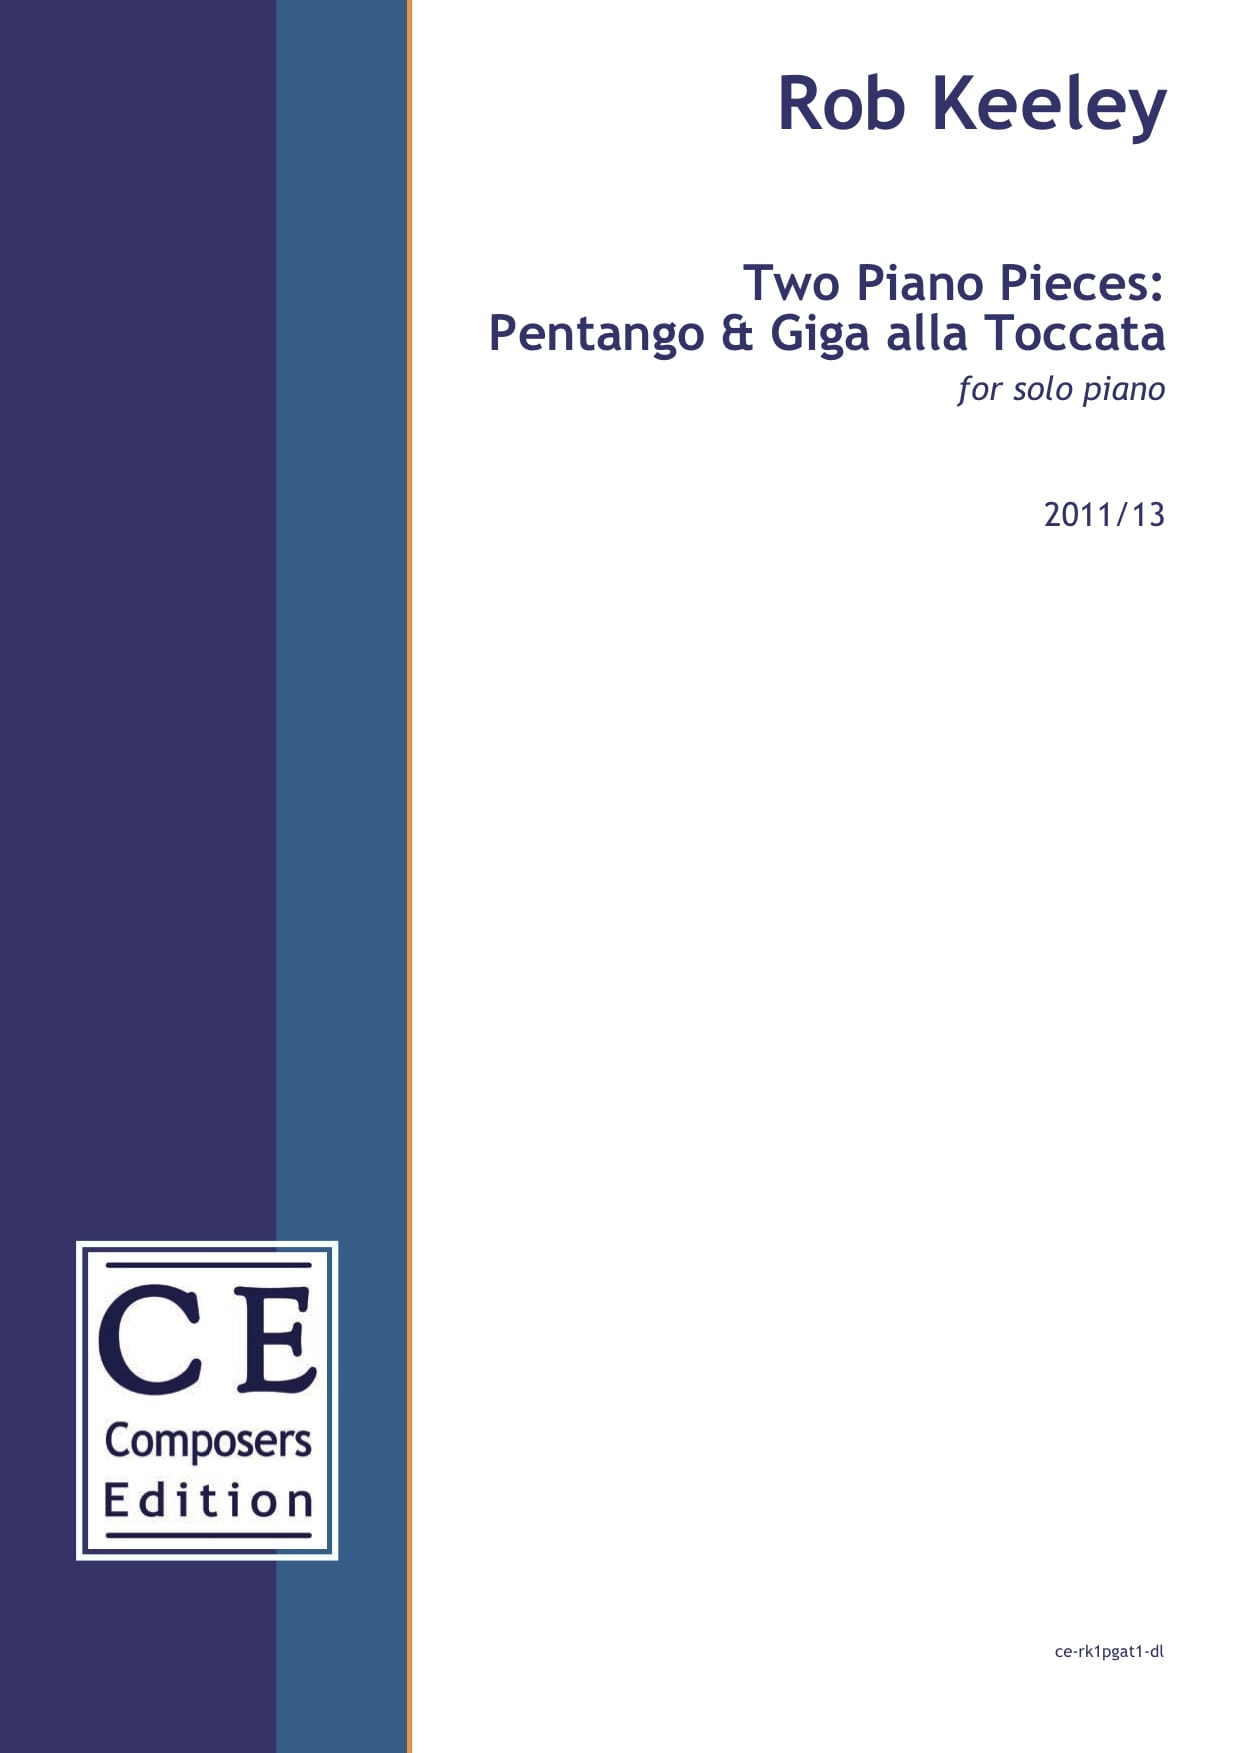 Rob Keeley: Two Piano Pieces: Pentango & Giga alla Toccata for solo piano